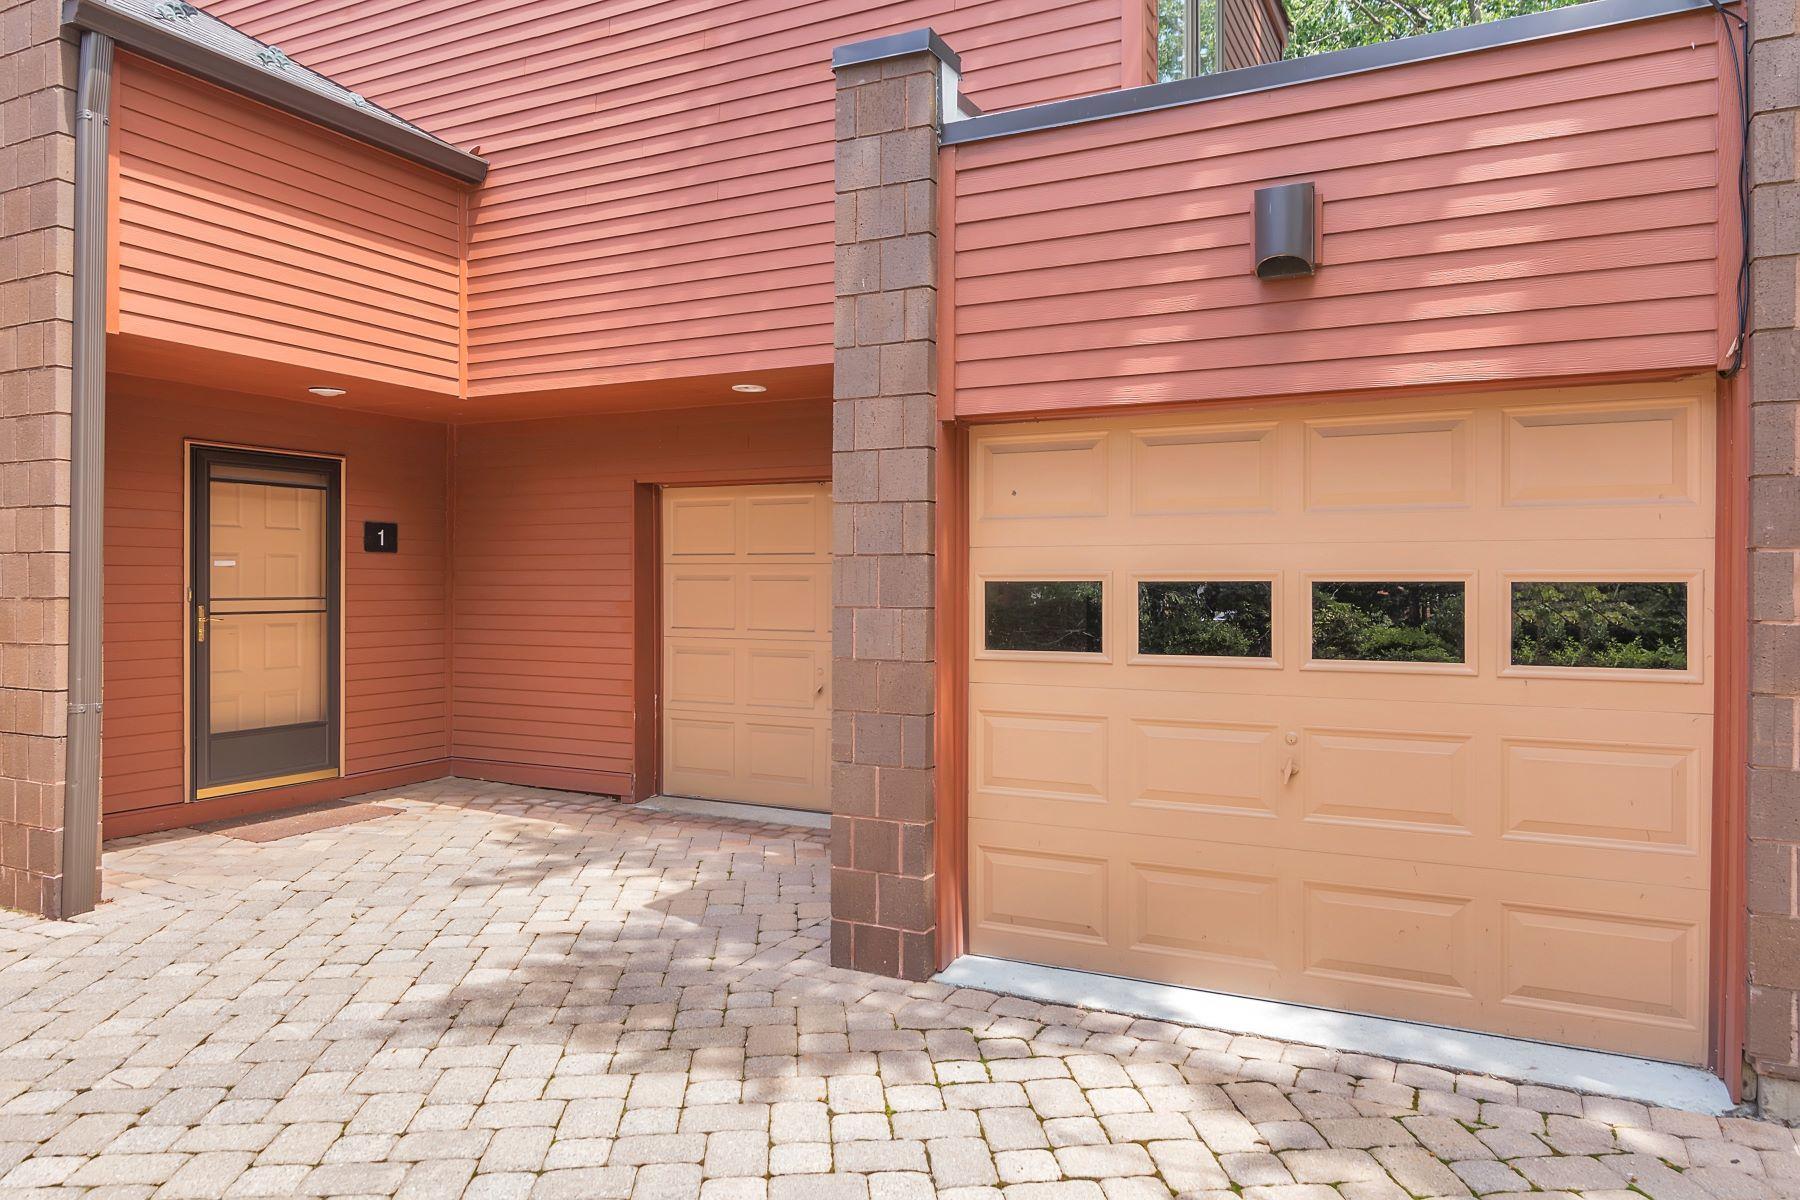 Casa unifamiliar adosada (Townhouse) por un Venta en OAK TRAIL TOWNHOUSE FOR SALE! 1 Old Quarry Road Englewood, Nueva Jersey, 07631 Estados Unidos